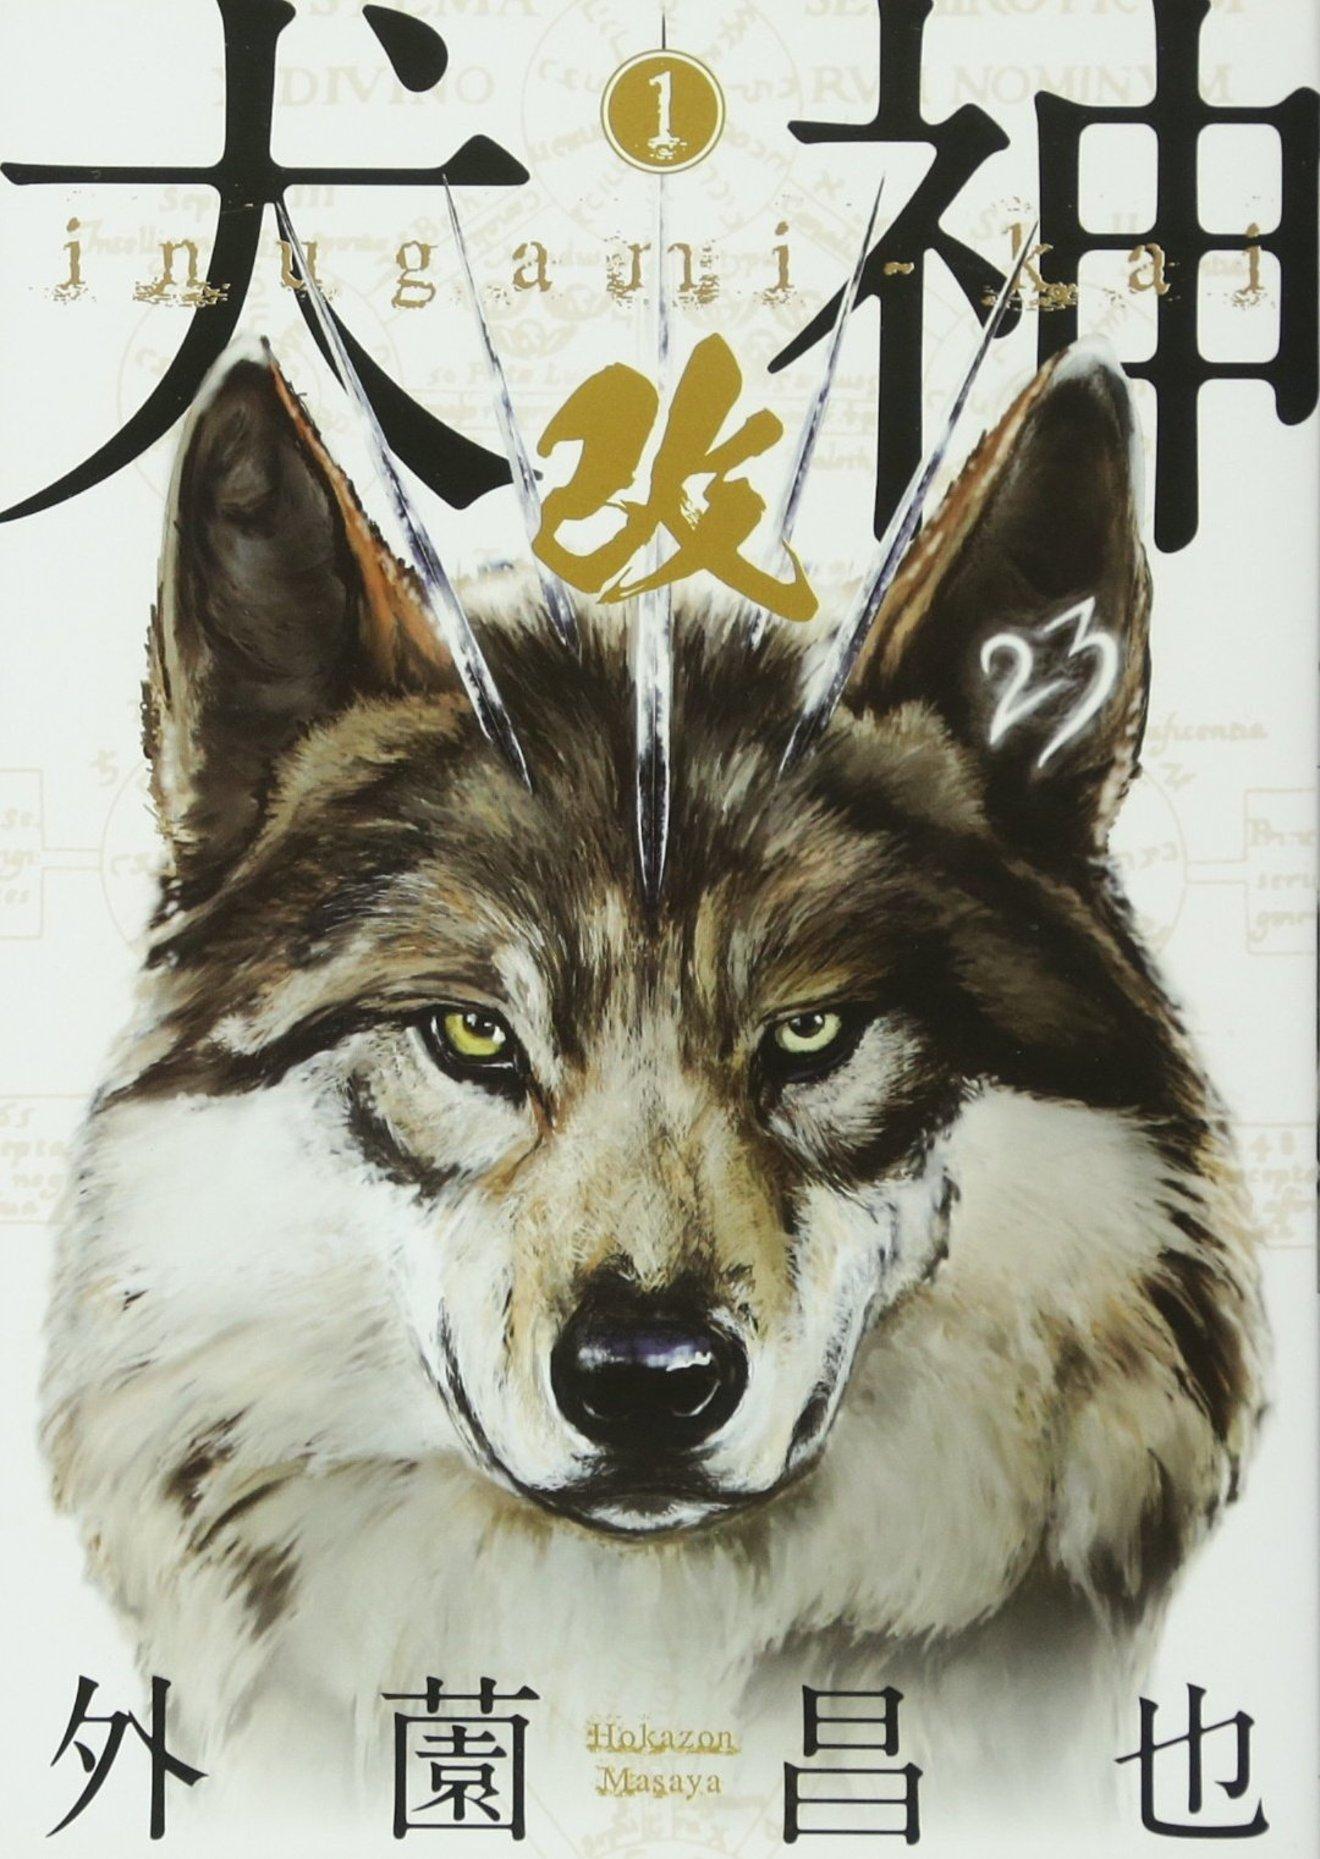 漫画『犬神・改』の魅力を全巻ネタバレ紹介!衝撃のSFホラーが面白い!